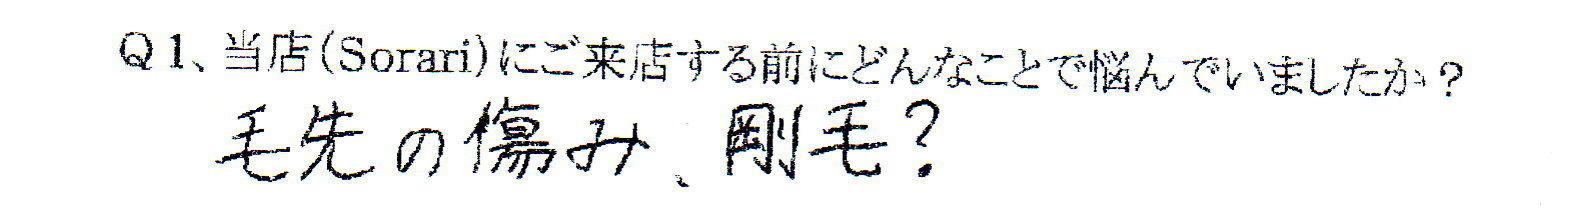 12KH様Q1